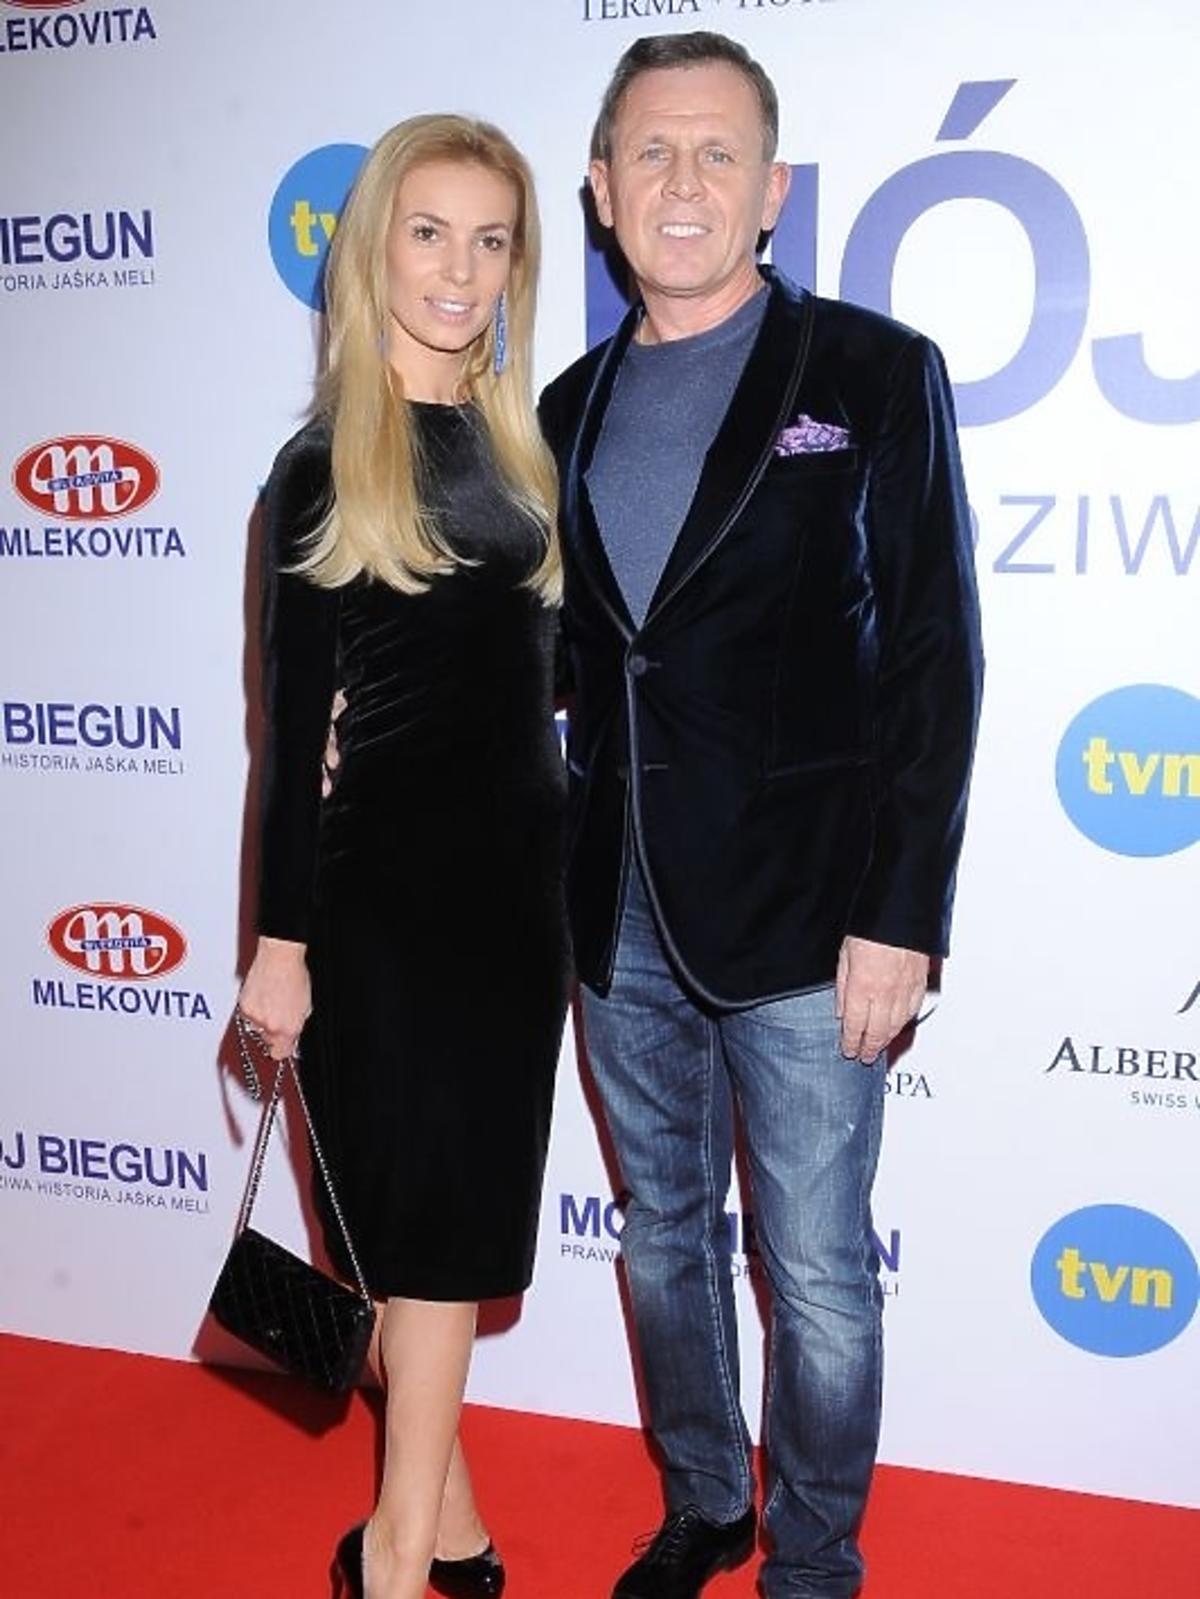 Izabela Janachowska i Krzysztof Jabłoński na premierze filmu